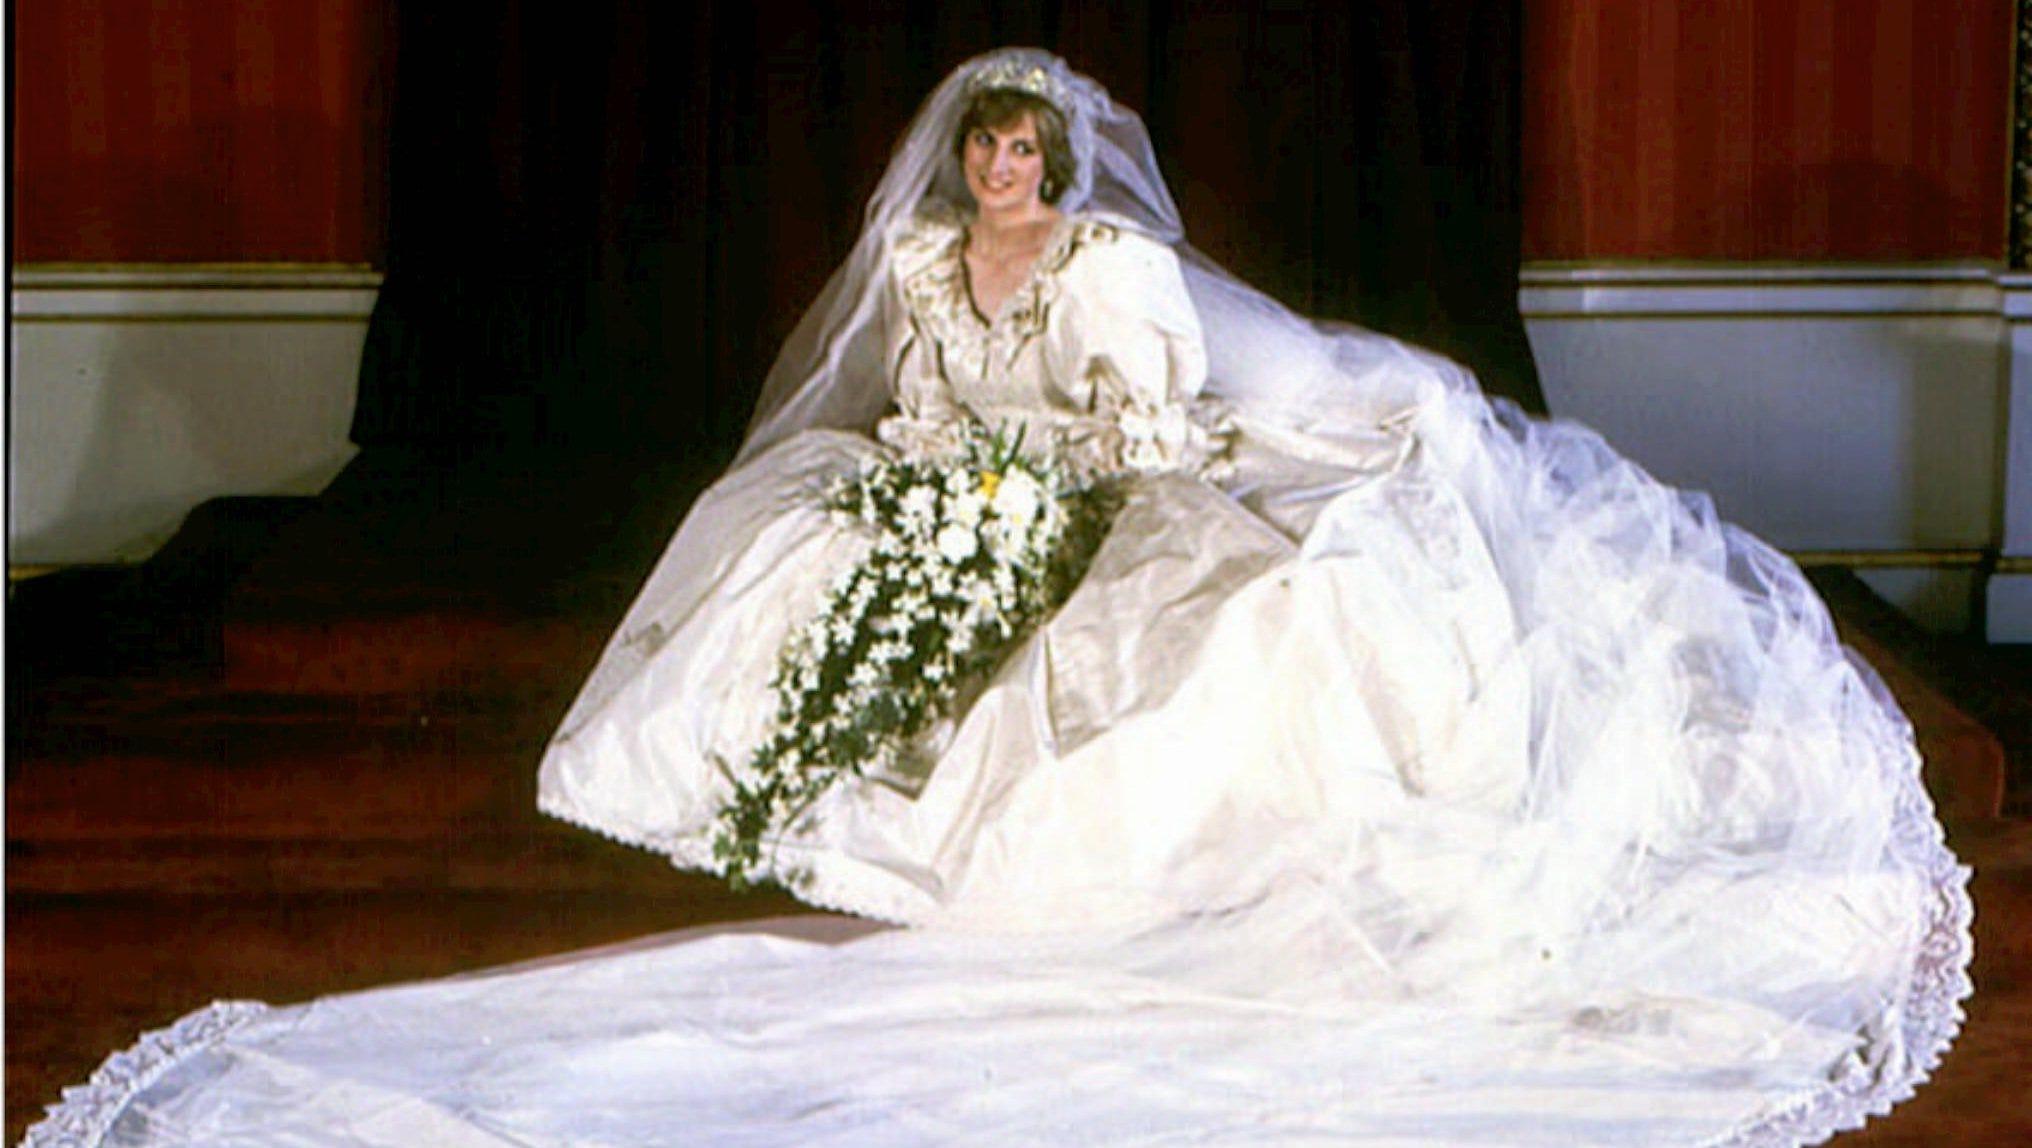 New Princess Diana Wedding Photos For Sale